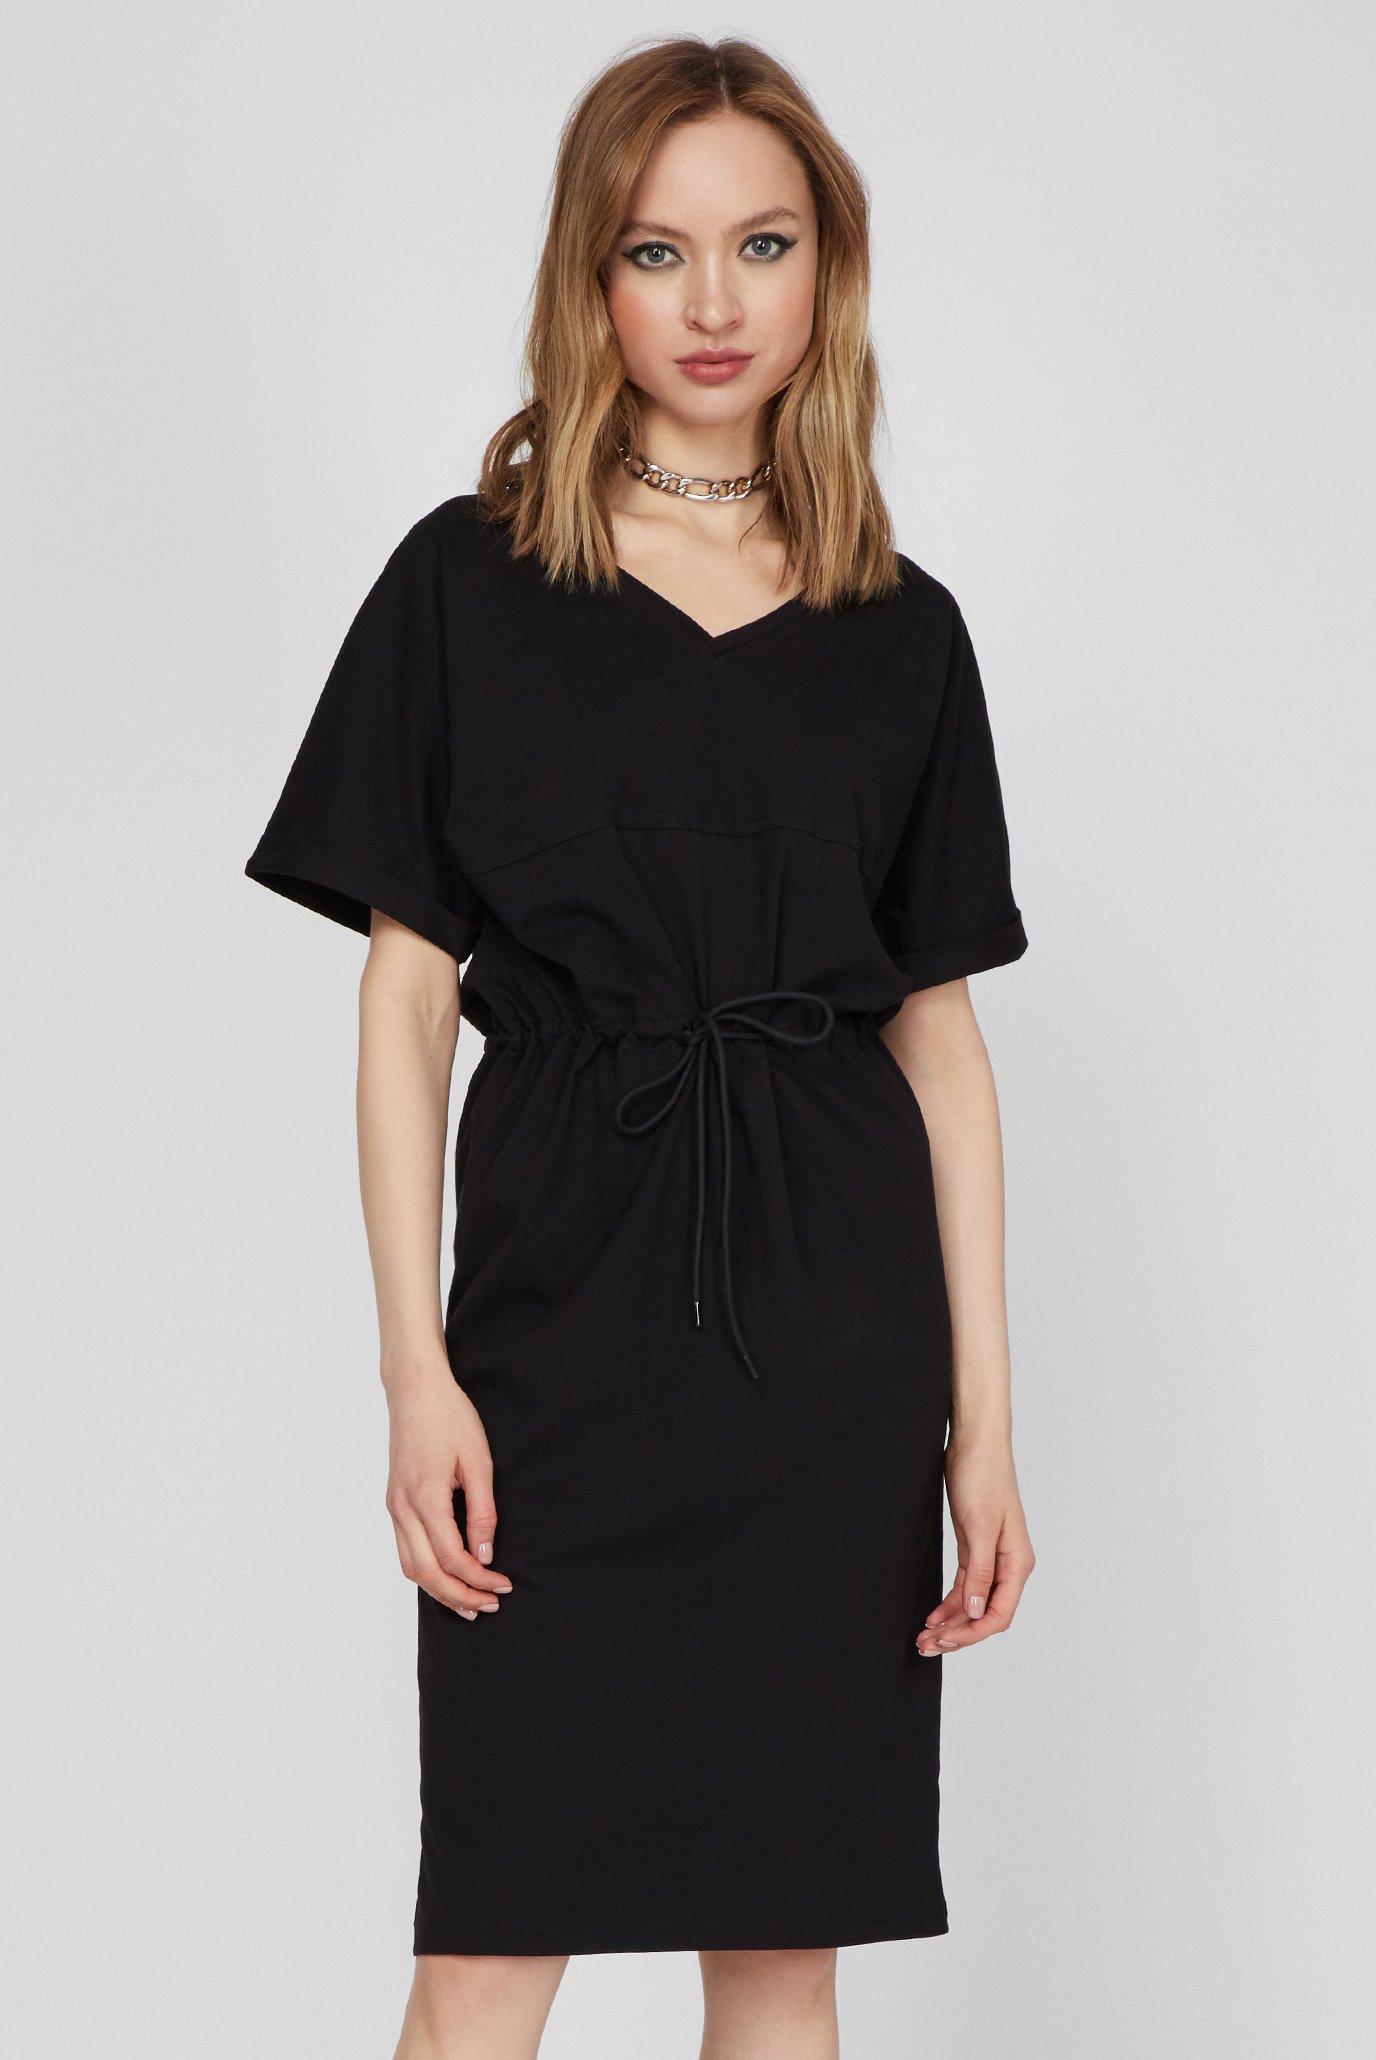 Женские черное платье Adjustable waist 1